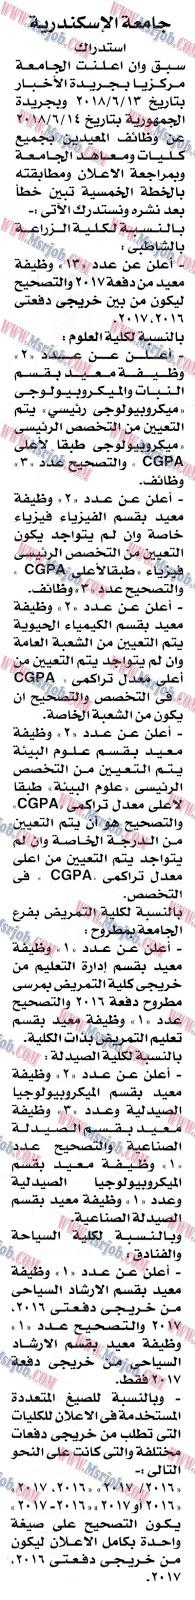 استدراك هام بخصوص اعلان وظائف جامعة الاسكندرية منشور بالاخبار 24 / 6 / 2018